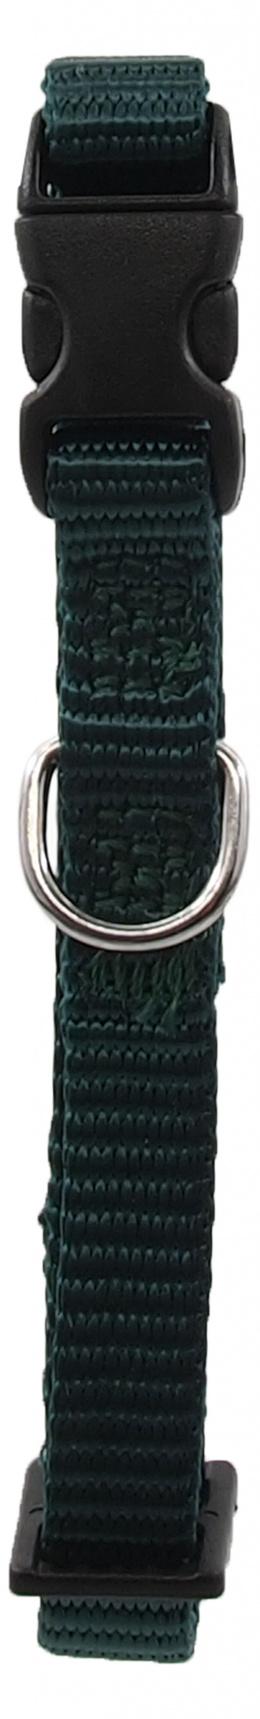 Ошейник - Dog Fantasy Classic Neilona XS, 1 см, 21-30 см, цвет – зеленый